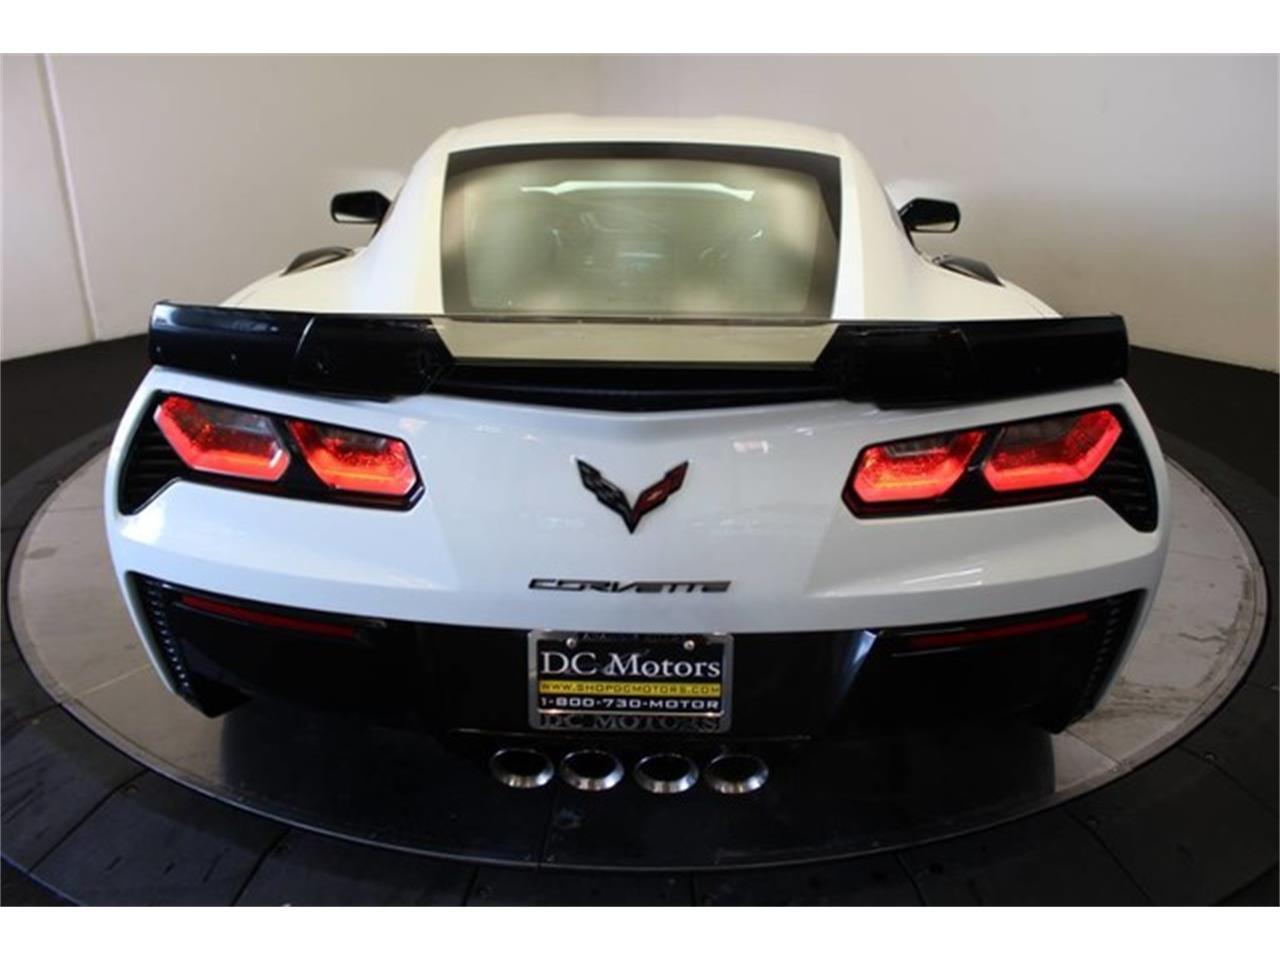 2019 Chevrolet Corvette (CC-1359946) for sale in Anaheim, California